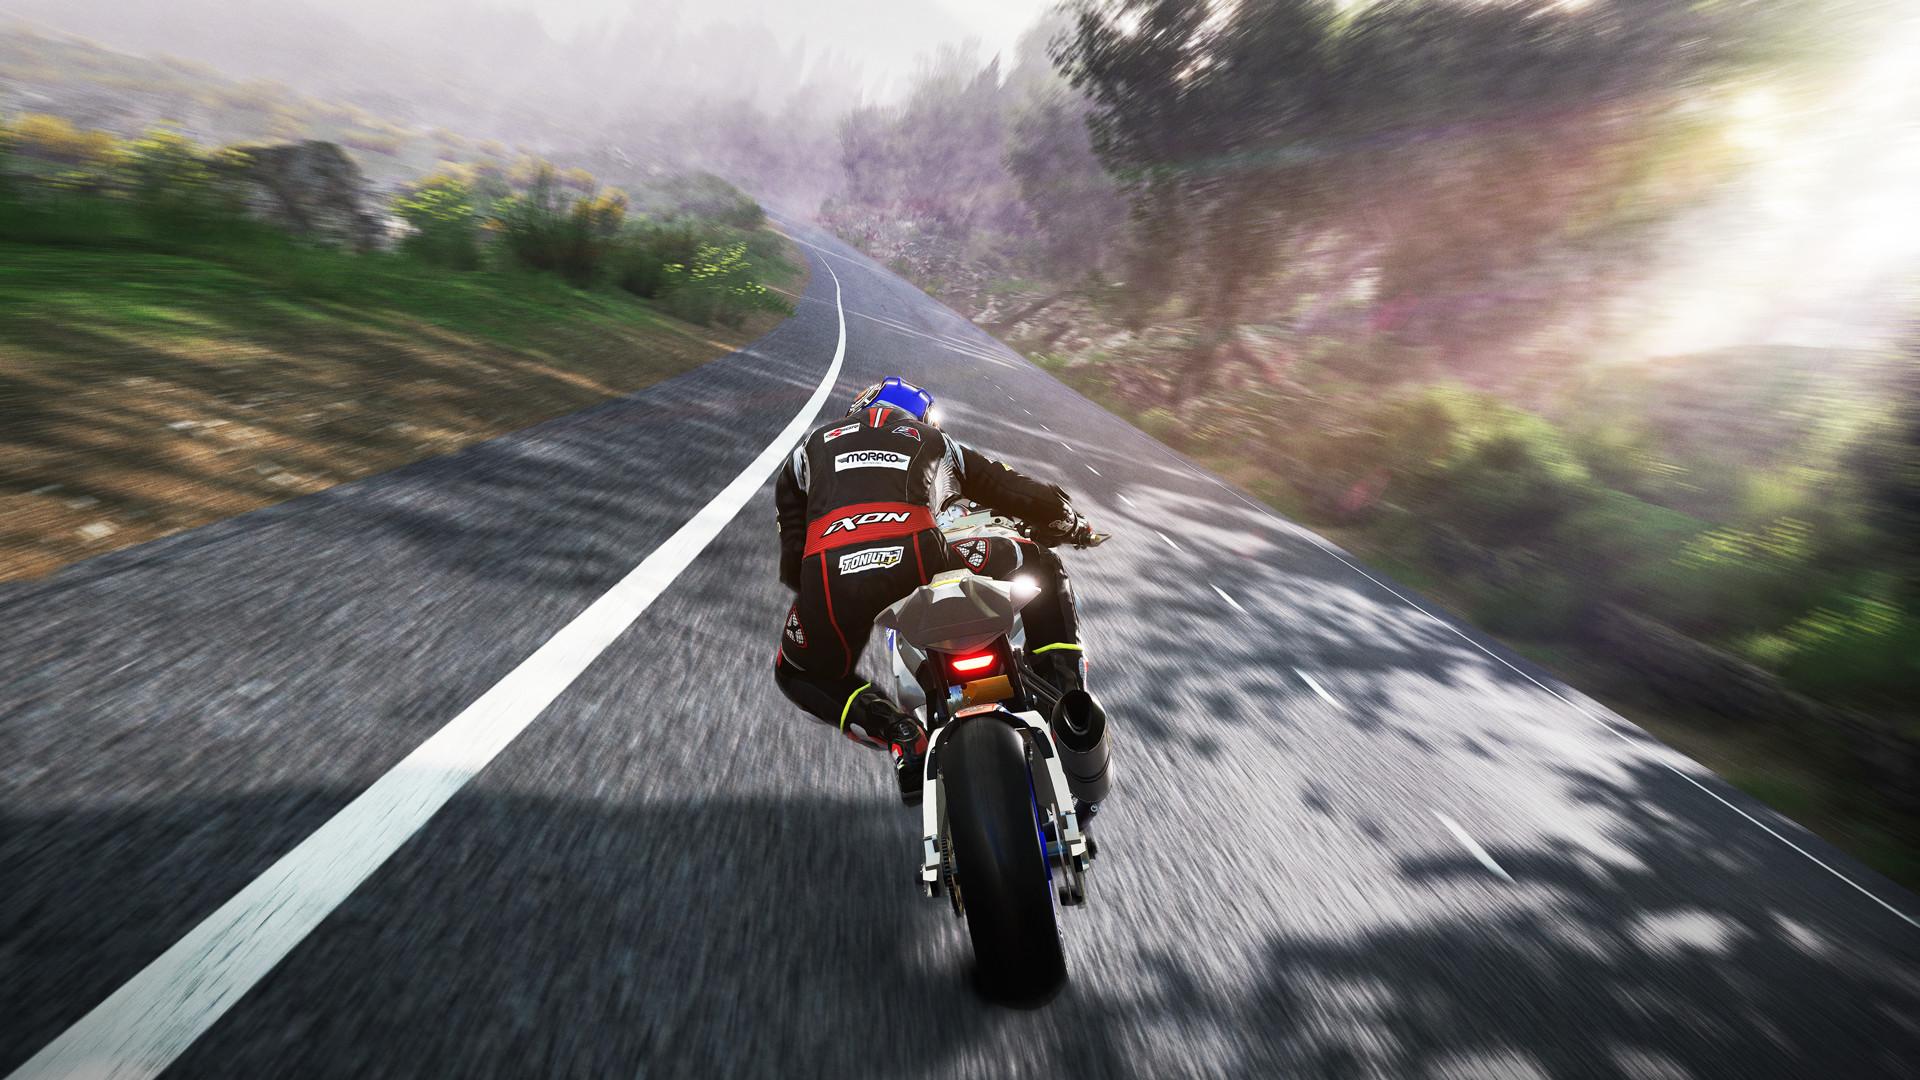 曼岛TT赛事边缘竞速2曼岛TT赛事边缘竞速2中文版下载攻略秘籍